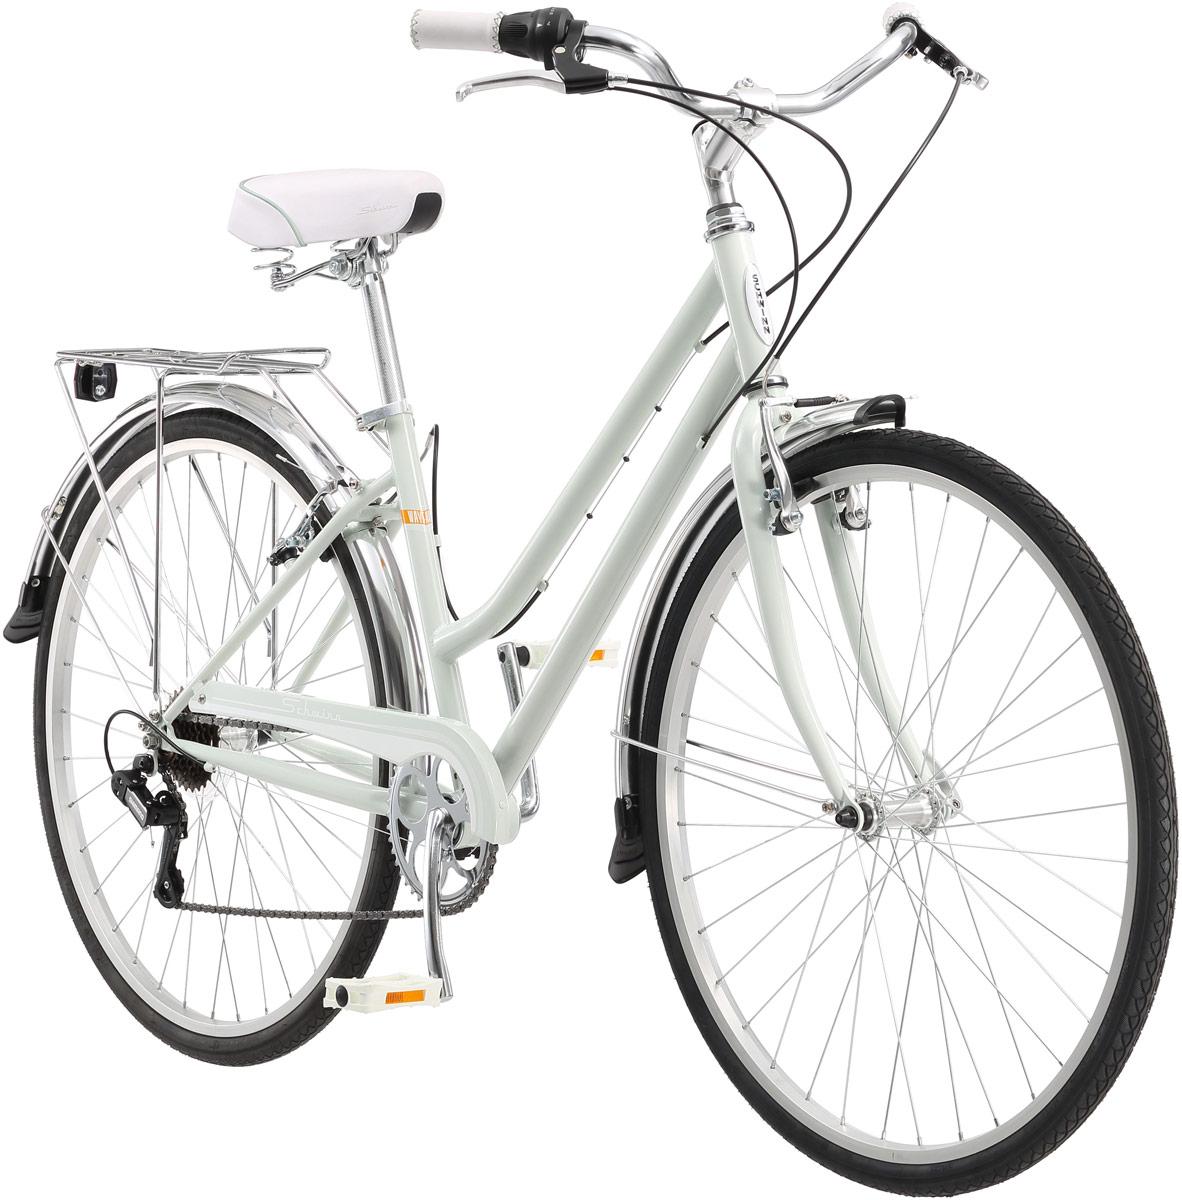 Wayfarer Women - это классический женский дорожный велосипед для поездок по городу и утоптанным тропинкам парков. Нежный мятный цвет рамы и вилки в сочетании с хромированными элементами создают свежий облик велосипеда который не оставит равнодушным ни одного прохожего. Прочная заниженная стальная рама гарантирует долговечность велосипеда и удобство посадки на него. Седло и руль регулируются по высоте для того, что бы вы могли подобрать идеальную посадку. Переключатели передач от компании Shimano обеспечивают надежность и не нуждаются в частой регулировке. Для перевозки необходимых вещей Schwinn Wayfarer оснащен багажником. Полноразмерные крылья и защита передних звезд сохраняют вашу одежду чистой в дождливую погоду. • Рама Schwinn Mountain Frame steel • Амортизационная вилка • Переключатели Shimano, грипшифт • 7 скоростей • Ободные тормоза • Колеса 700с • Полноразмерные крылья • Полноразмерная защита цепи • Багажник